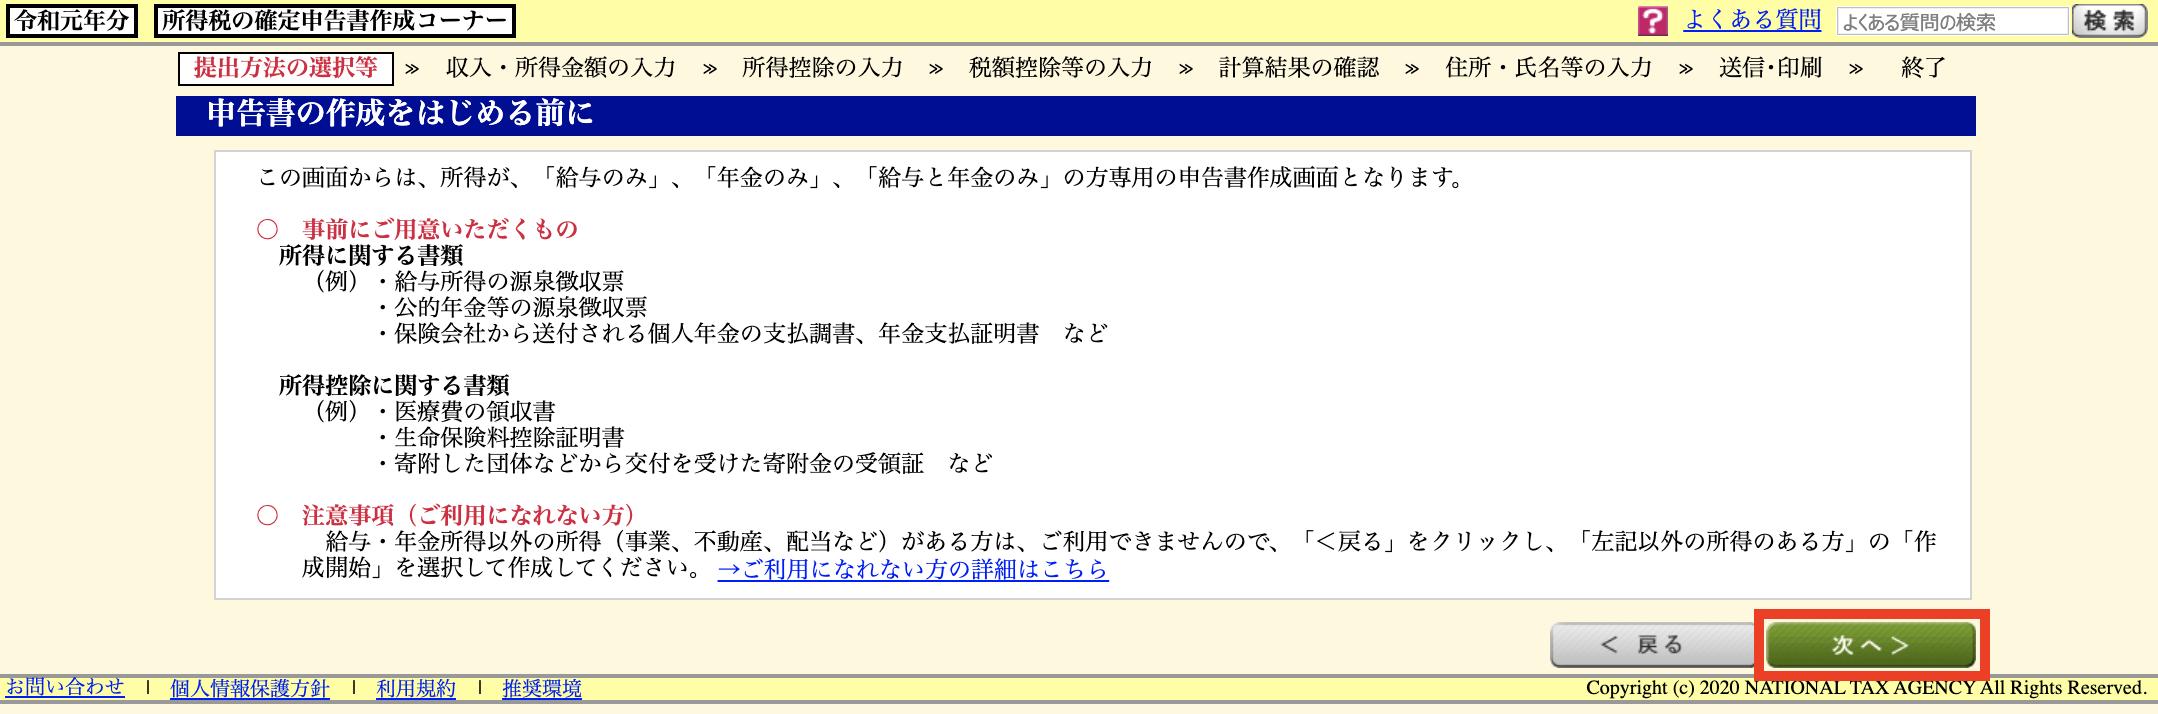 作成 申告 国税庁 コーナー 確定